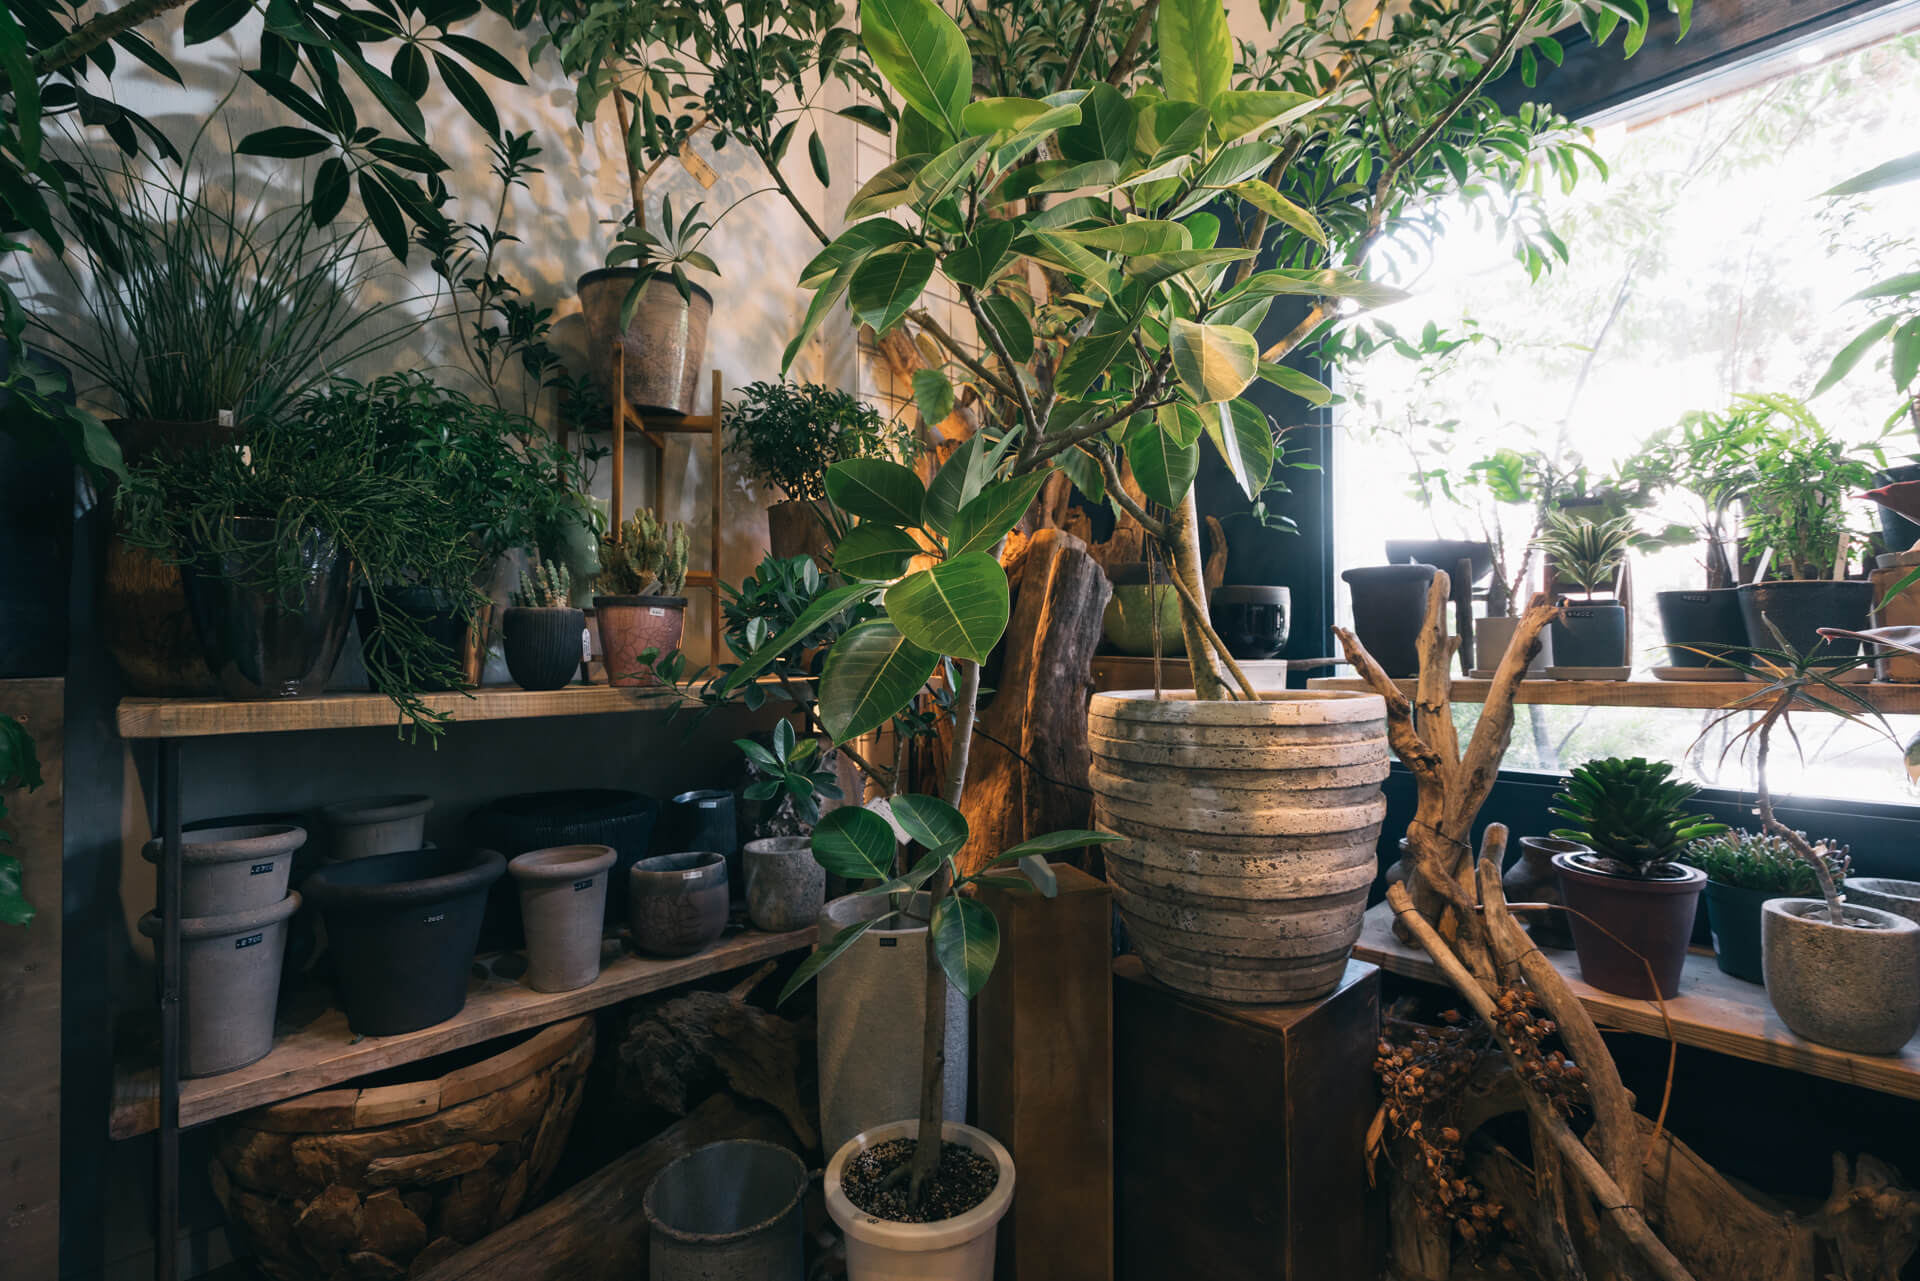 大きな枝モノや、鉢植え、植木鉢などのアイテムがバランスよく並びます。